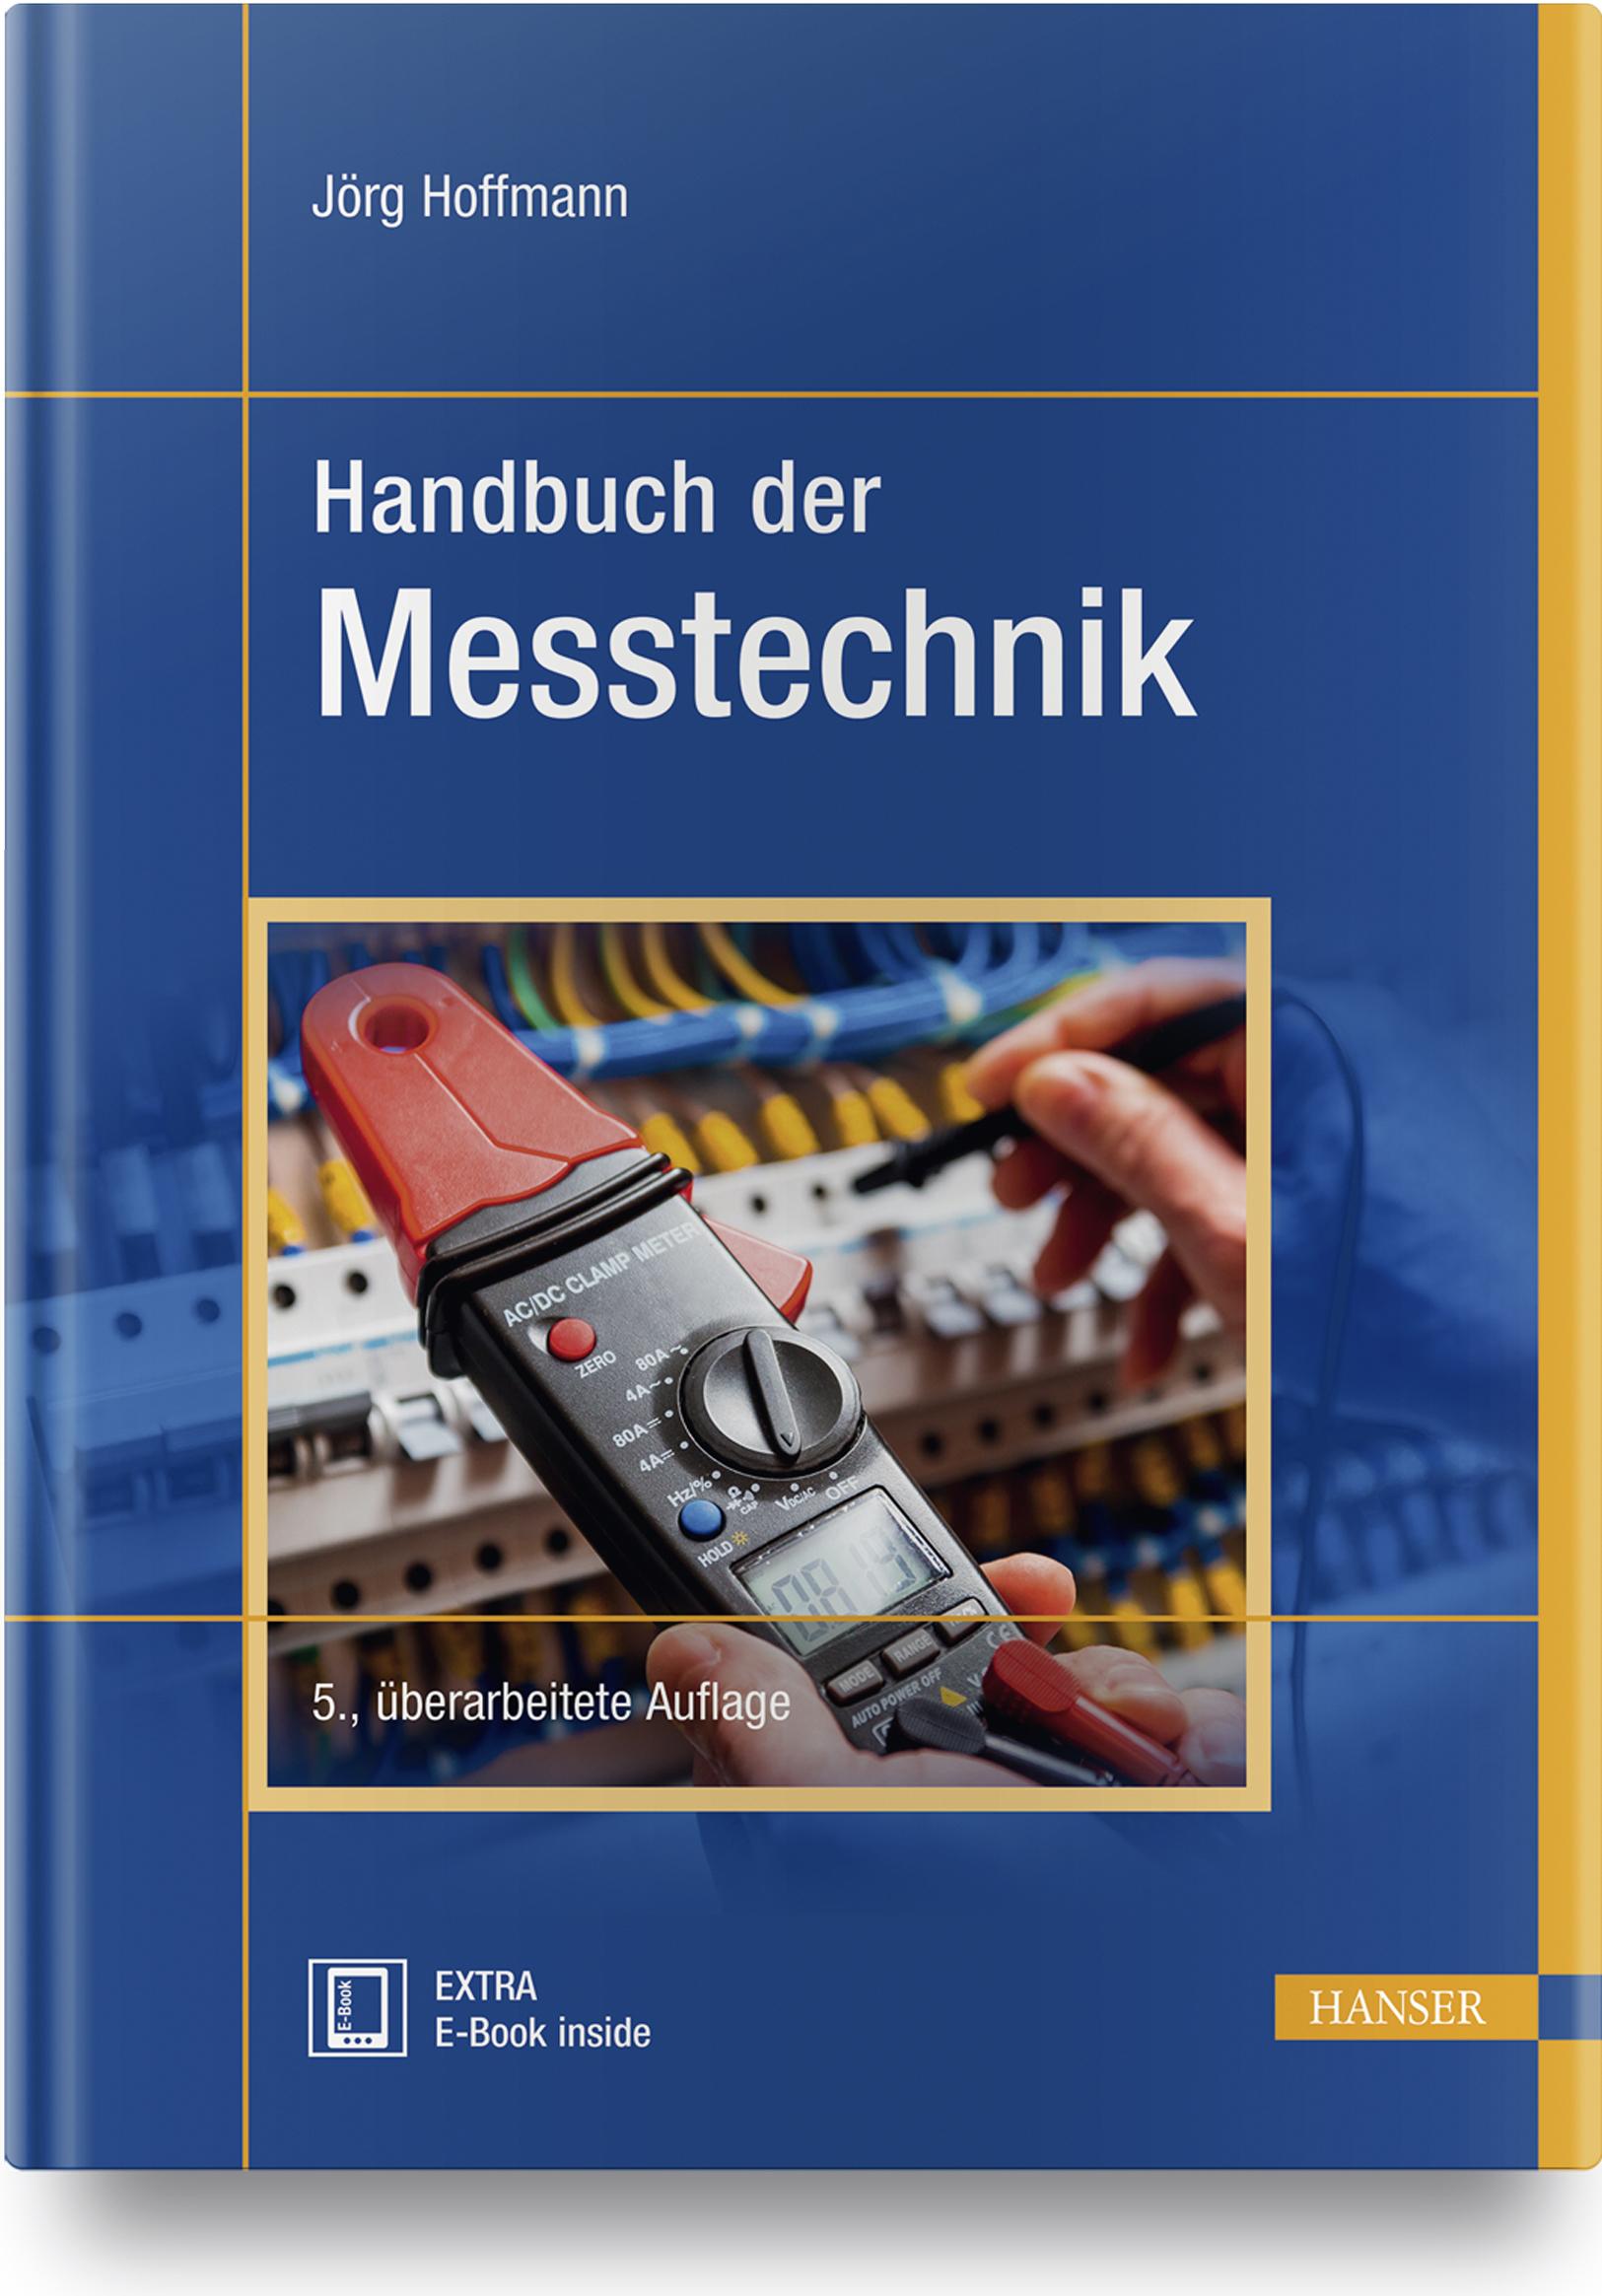 Handbuch der Messtechnik, 978-3-446-46188-8